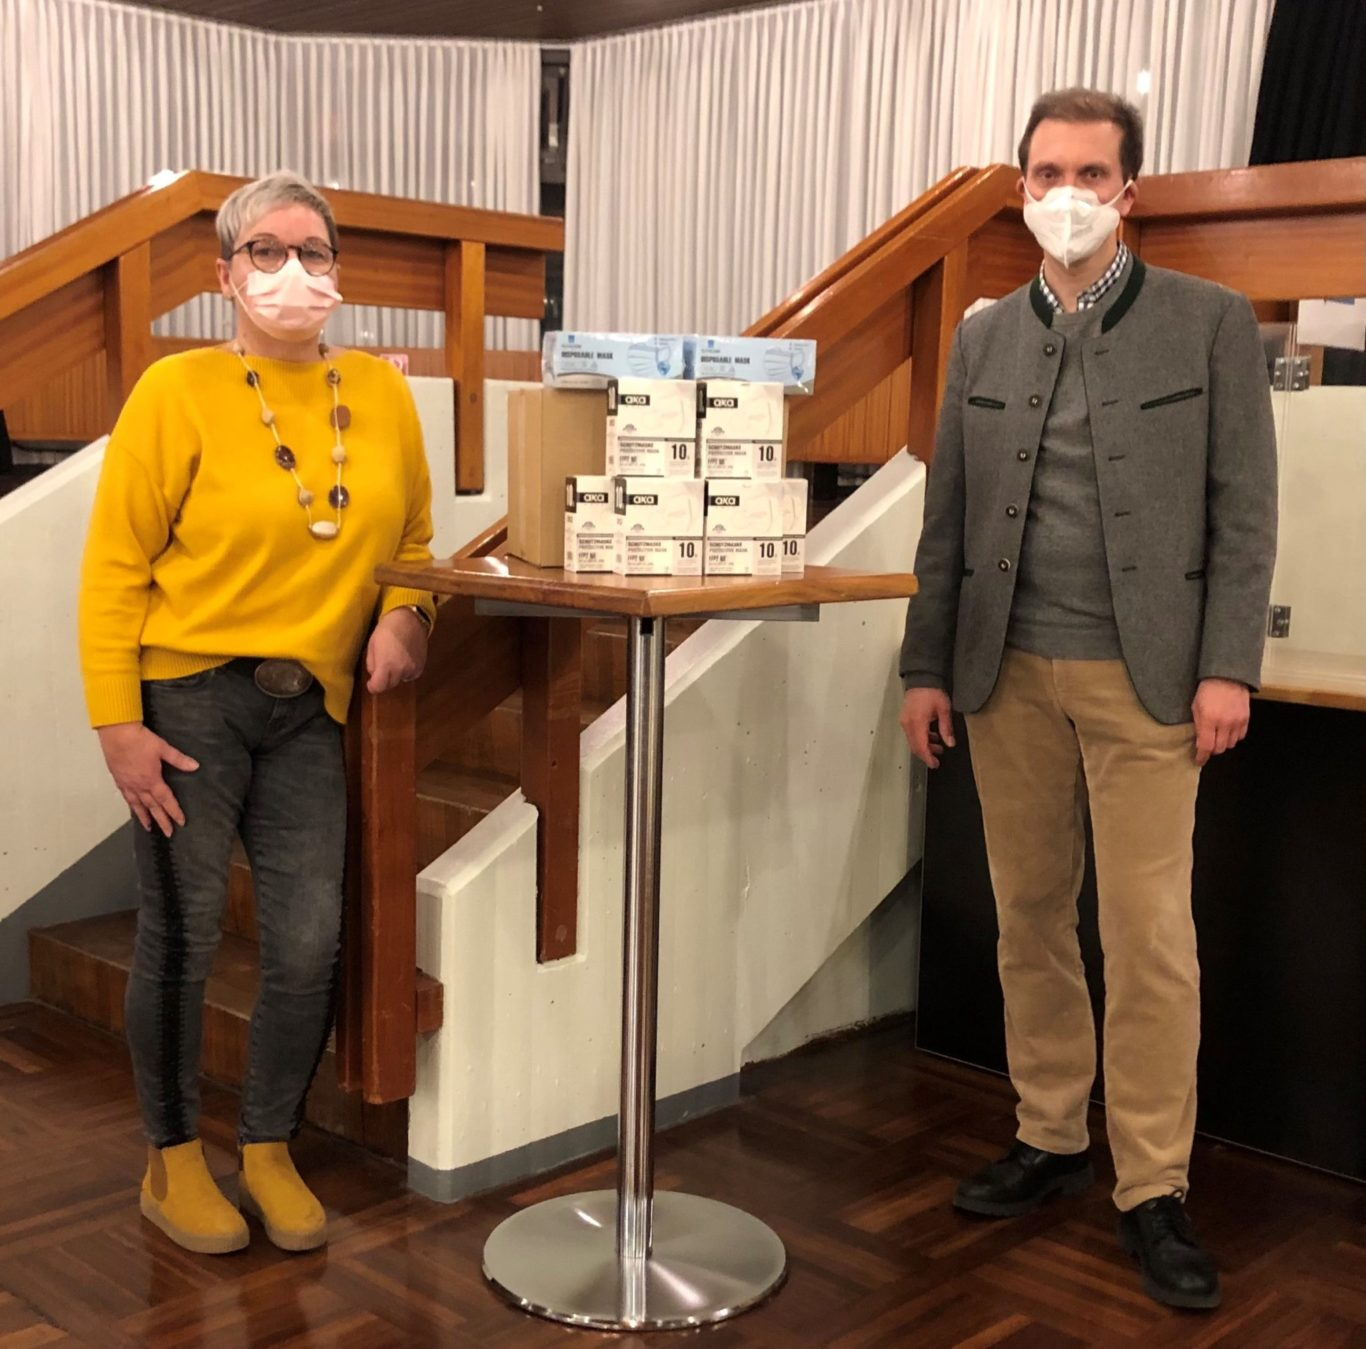 vlnr. Christina Wieth nimmt die 300 Schutzmasken von OB Ulli Meyer in Empfang | Bild: Florian Jung